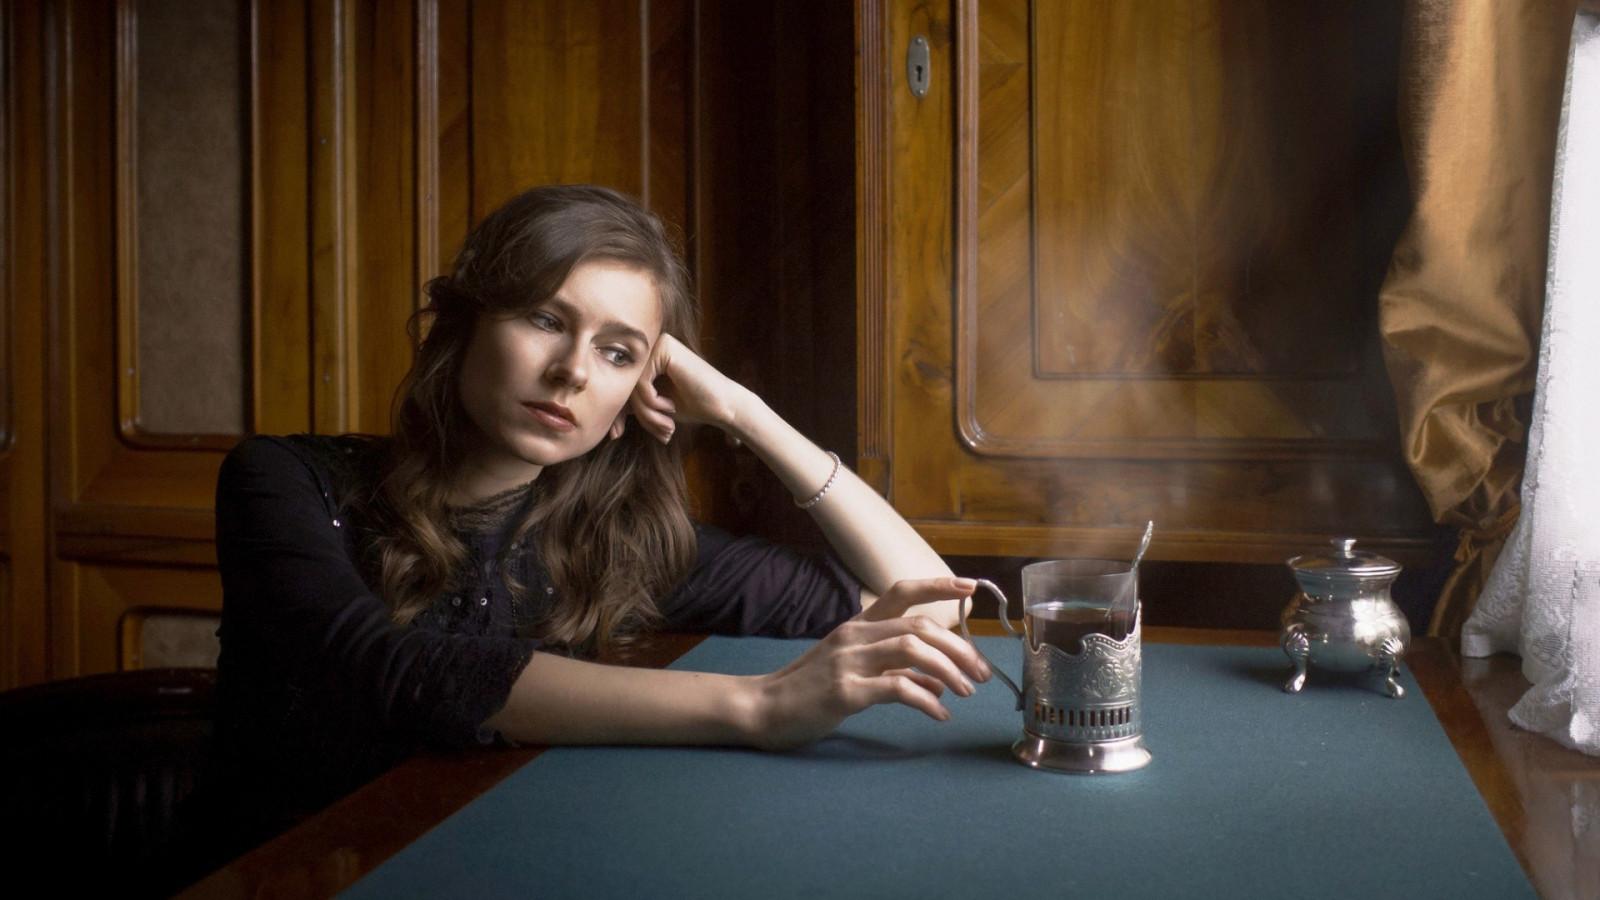 Sad Girl Drinking Wallpaper Wallpaper Women Model Long Hair Black Dress Brunette